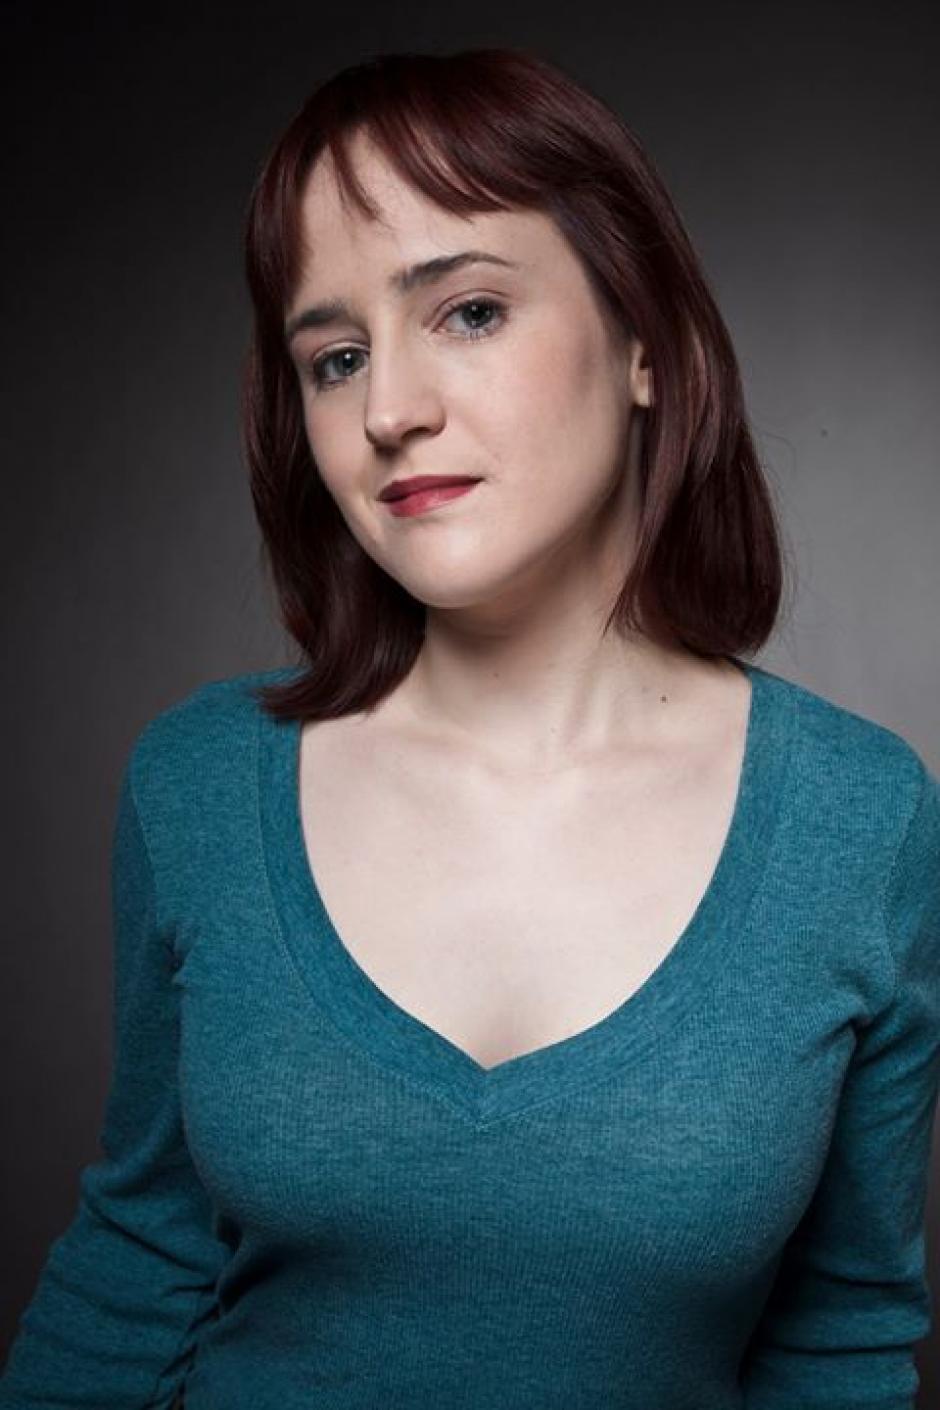 Así luce ahora Mara Elizabeth Wilson, la protagonista de Matilda. (Foto: Facebook Mara Wilson)